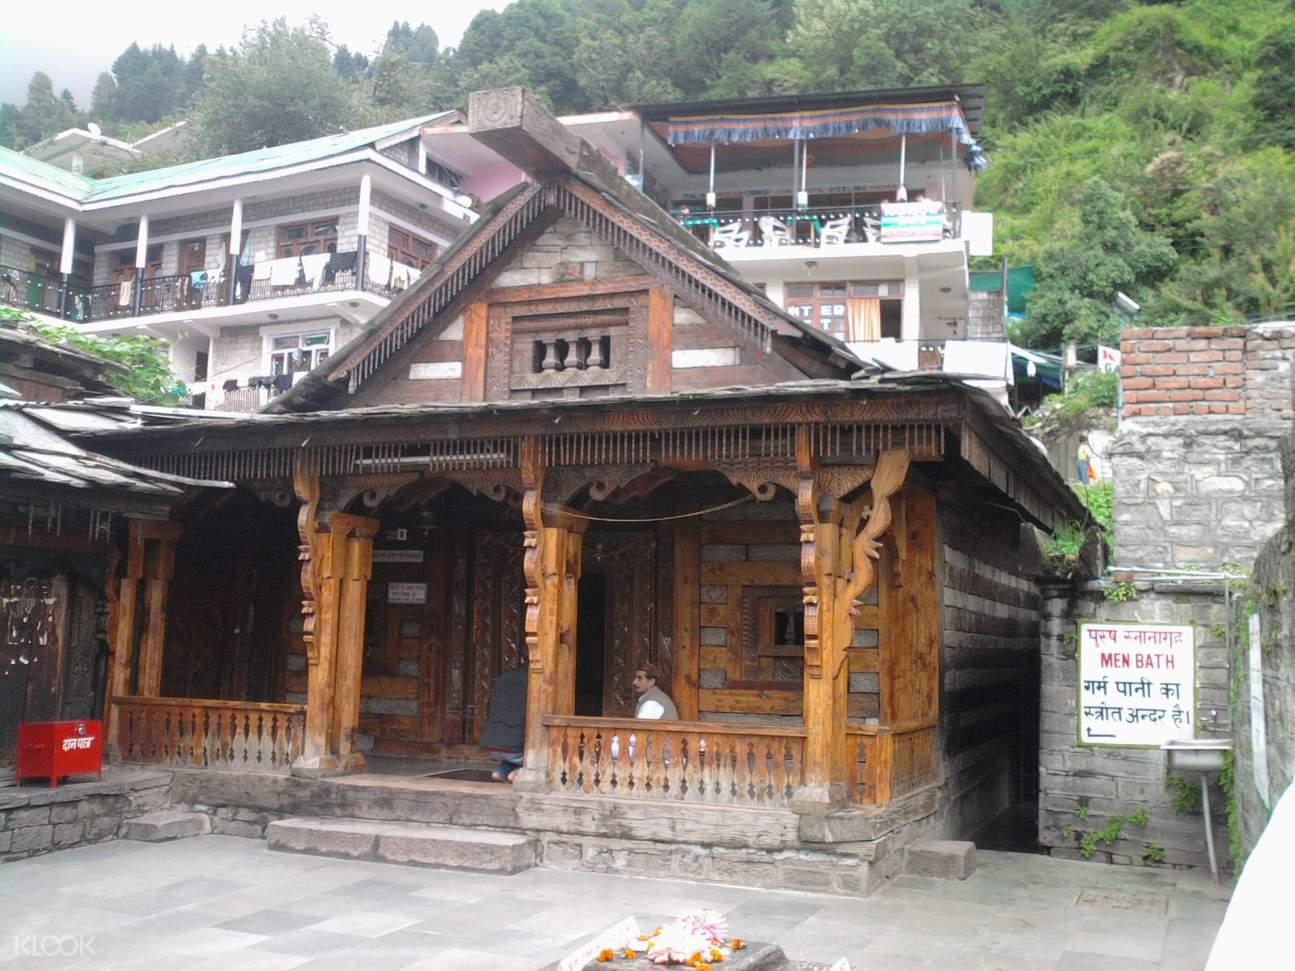 Vishisht印度神廟